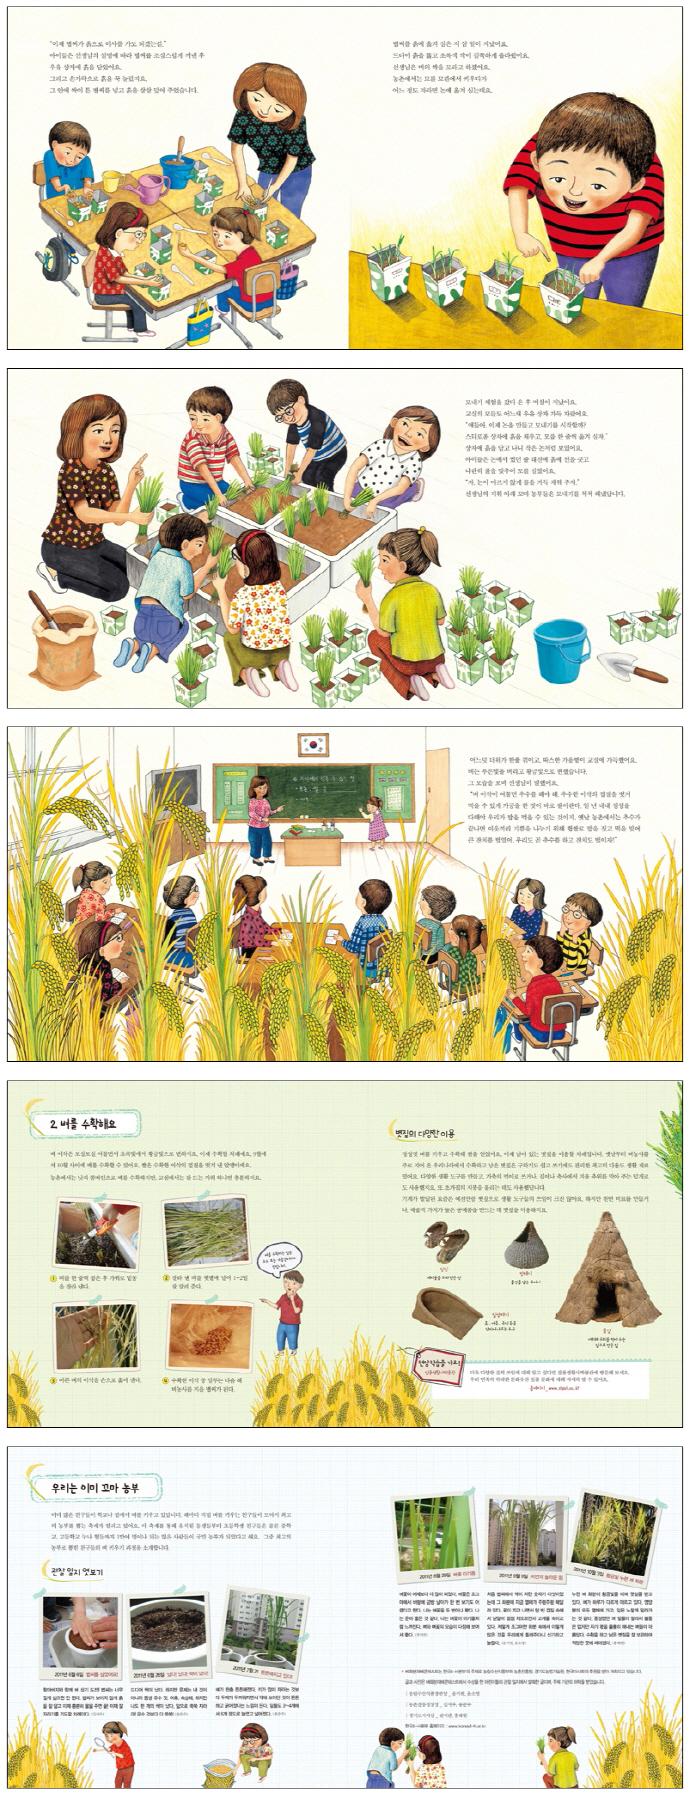 우리 교실에 벼가 자라요(자연과 함께하는 살림생태학습 4)(양장본 HardCover) 도서 상세이미지